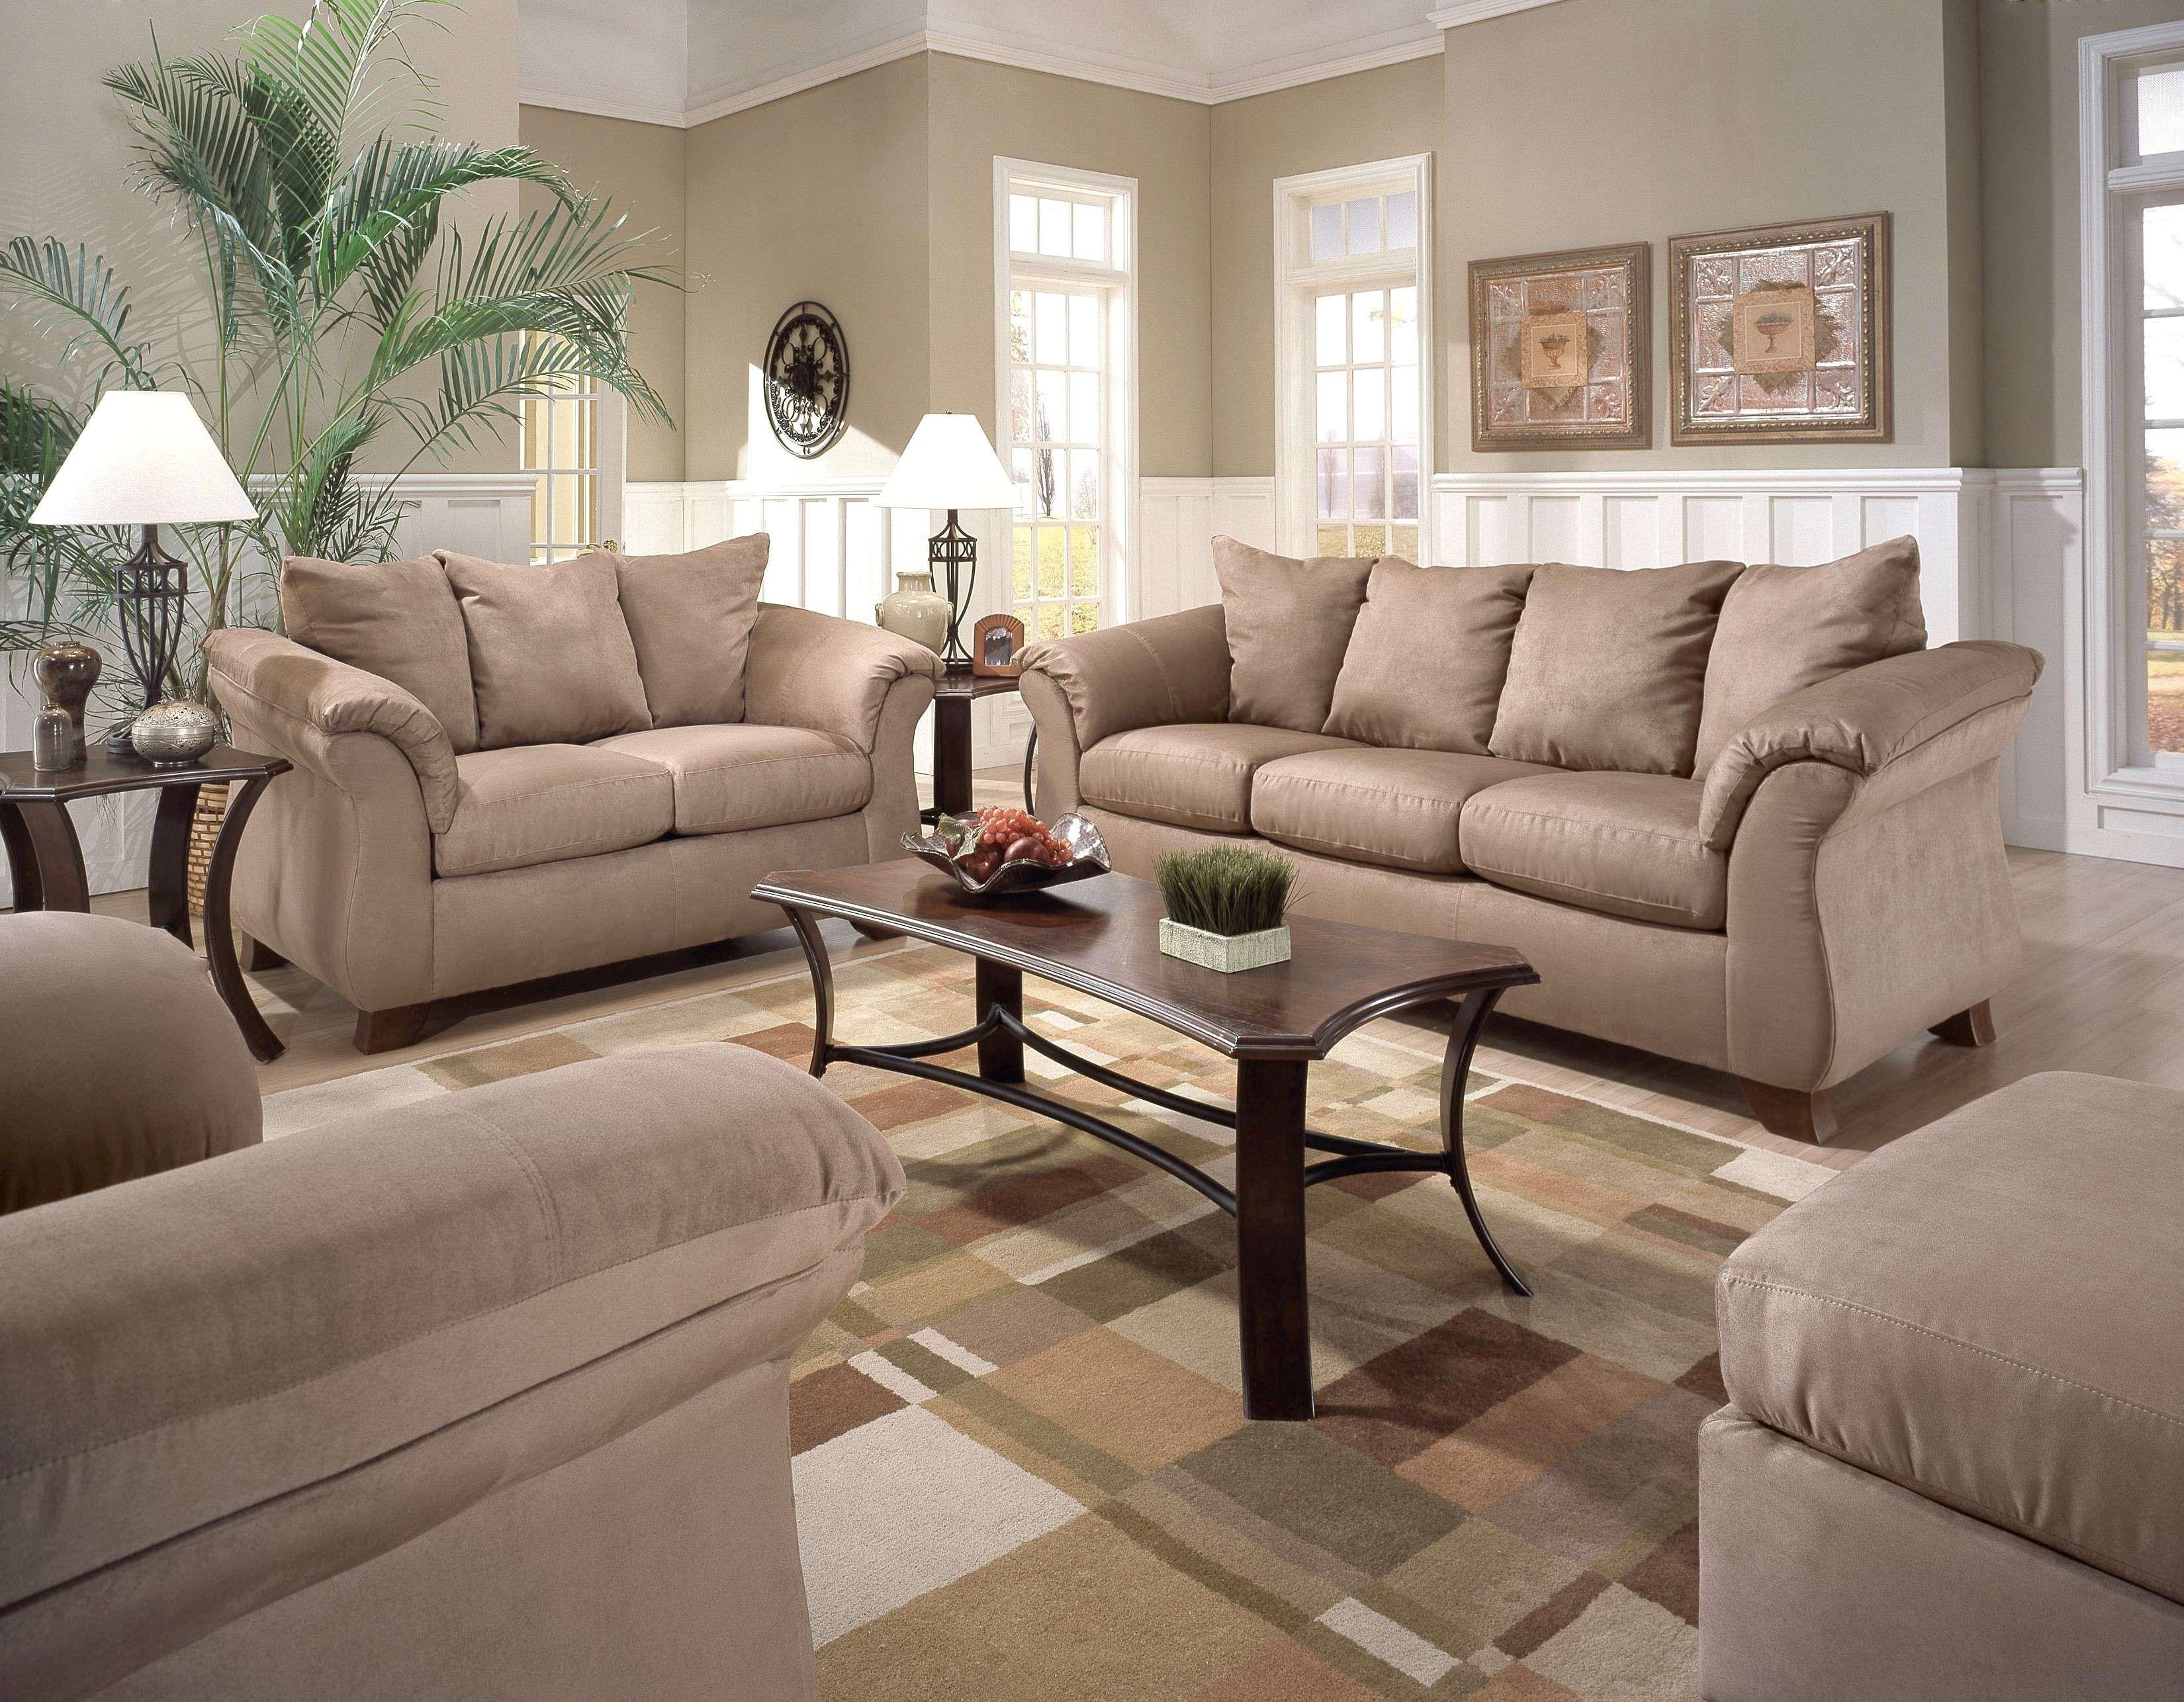 картинки диванов в интерьере гостиной ручную